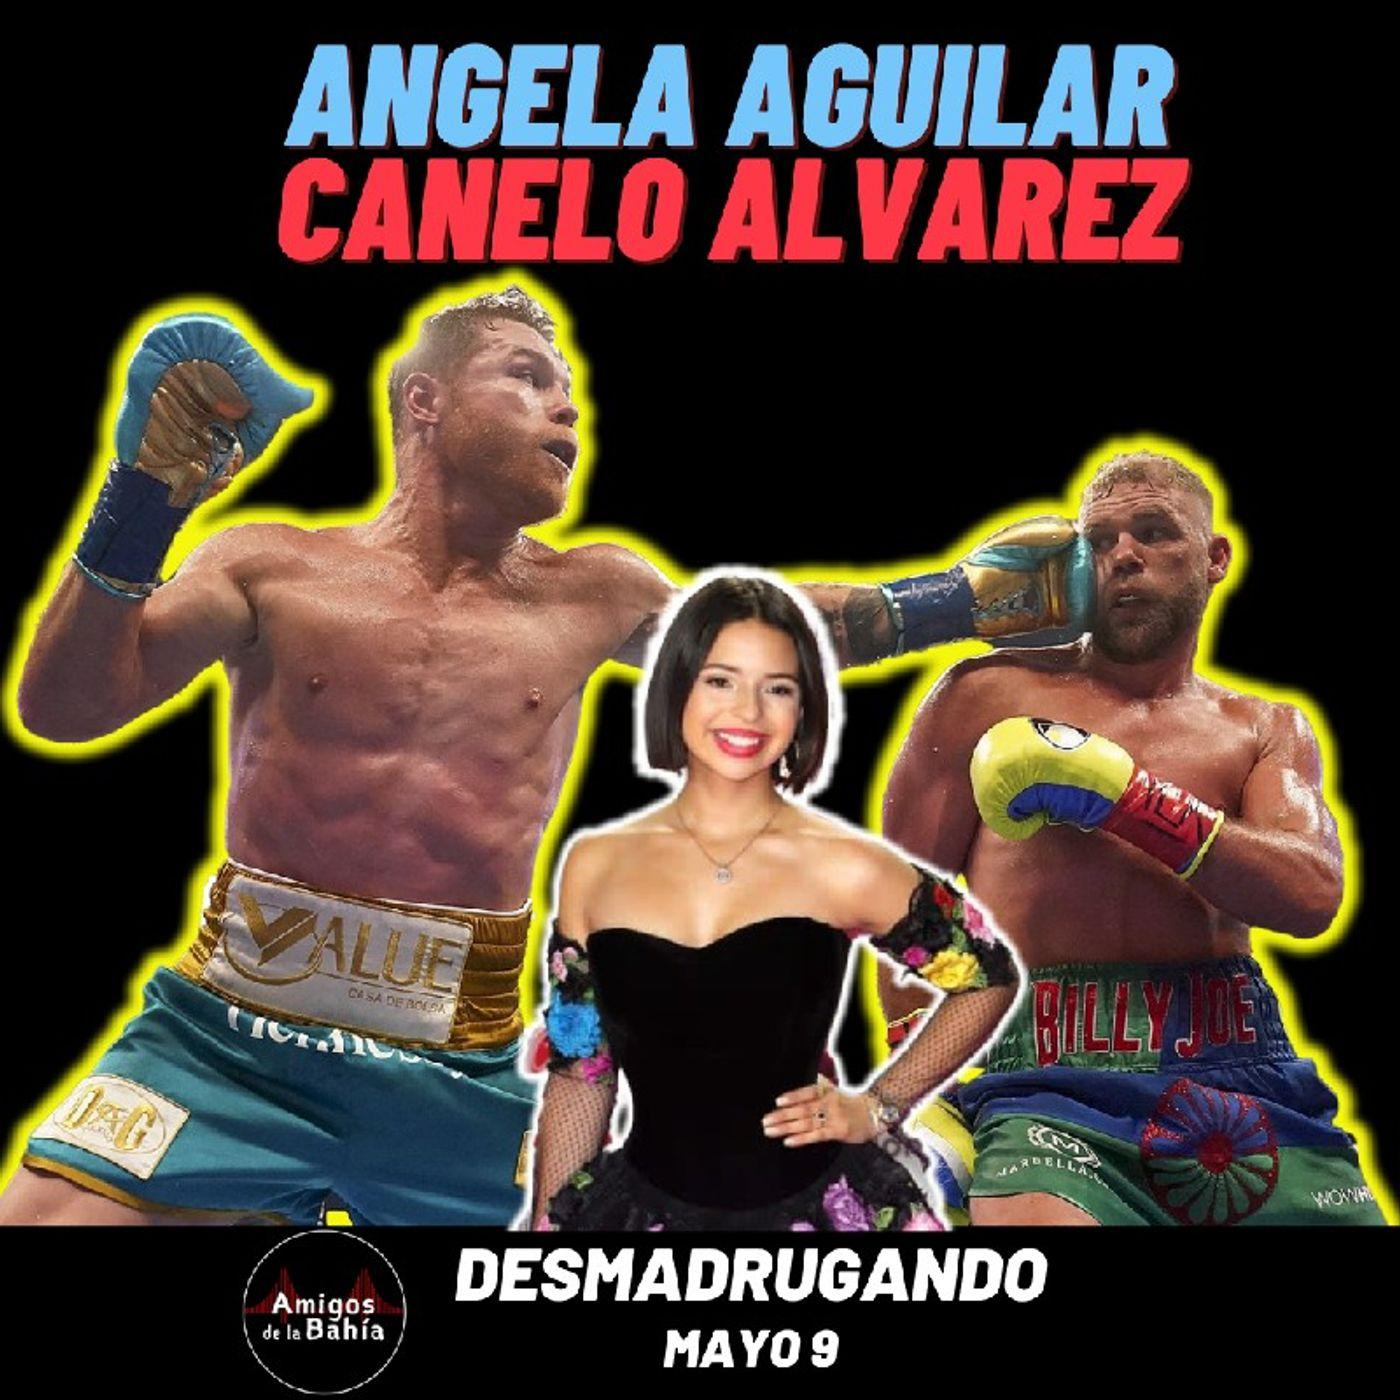 25. DÍA DE LAS MADRES, Canelo Alvarez, Angela Aguilar,  DESMADRUGANDO Mayo 10, 2021